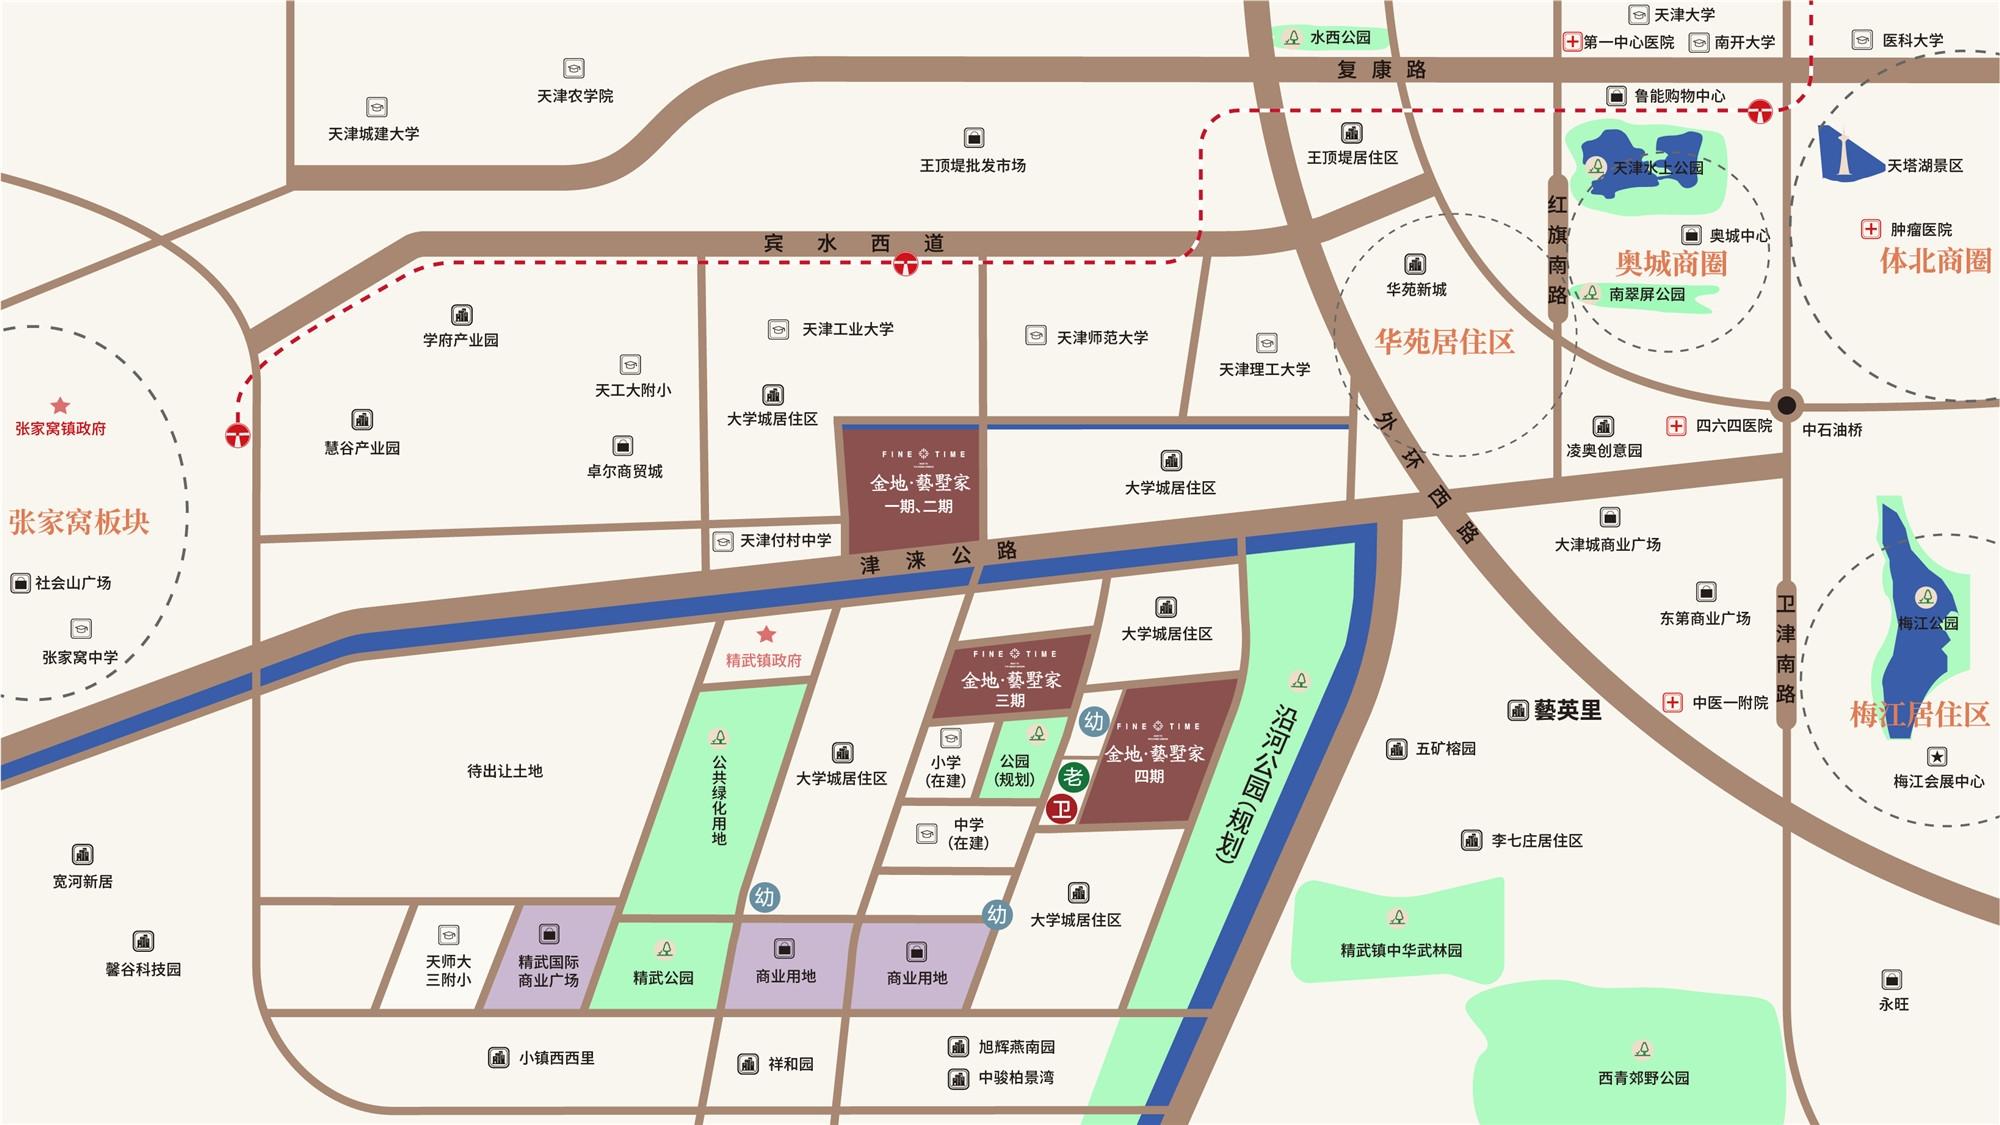 天津金地藝墅家交通图